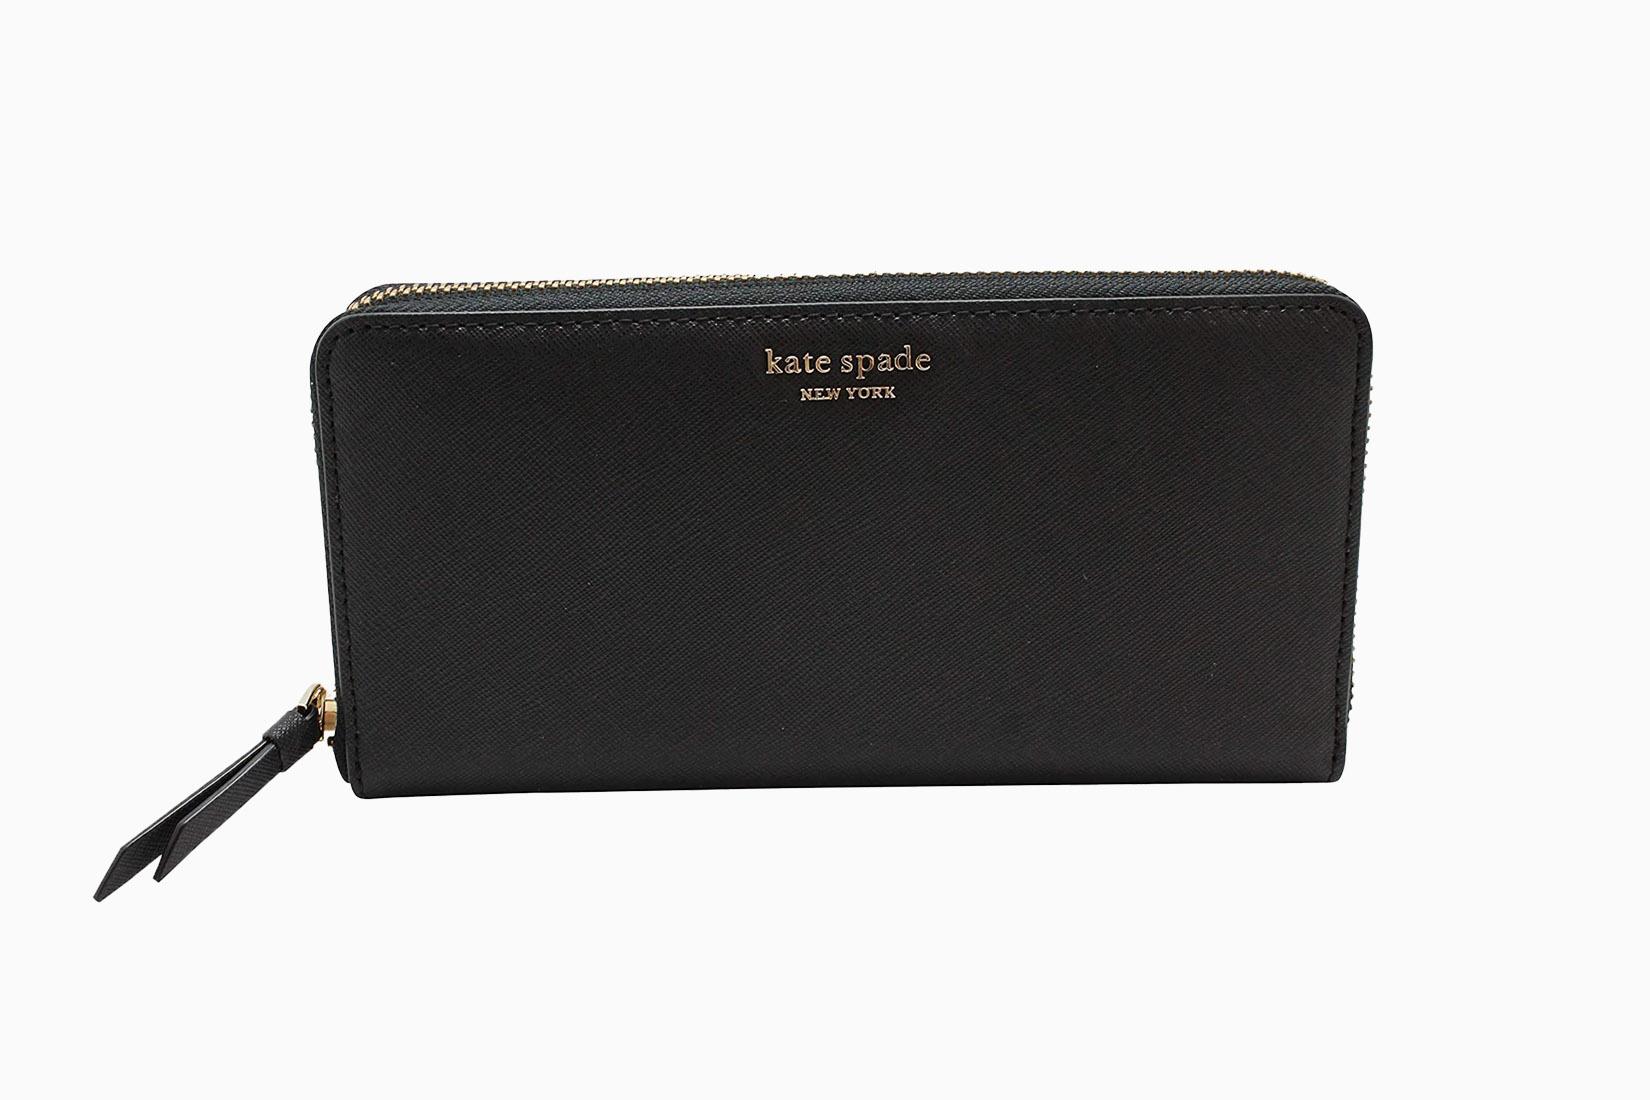 best women wallet kate spade review Luxe Digital